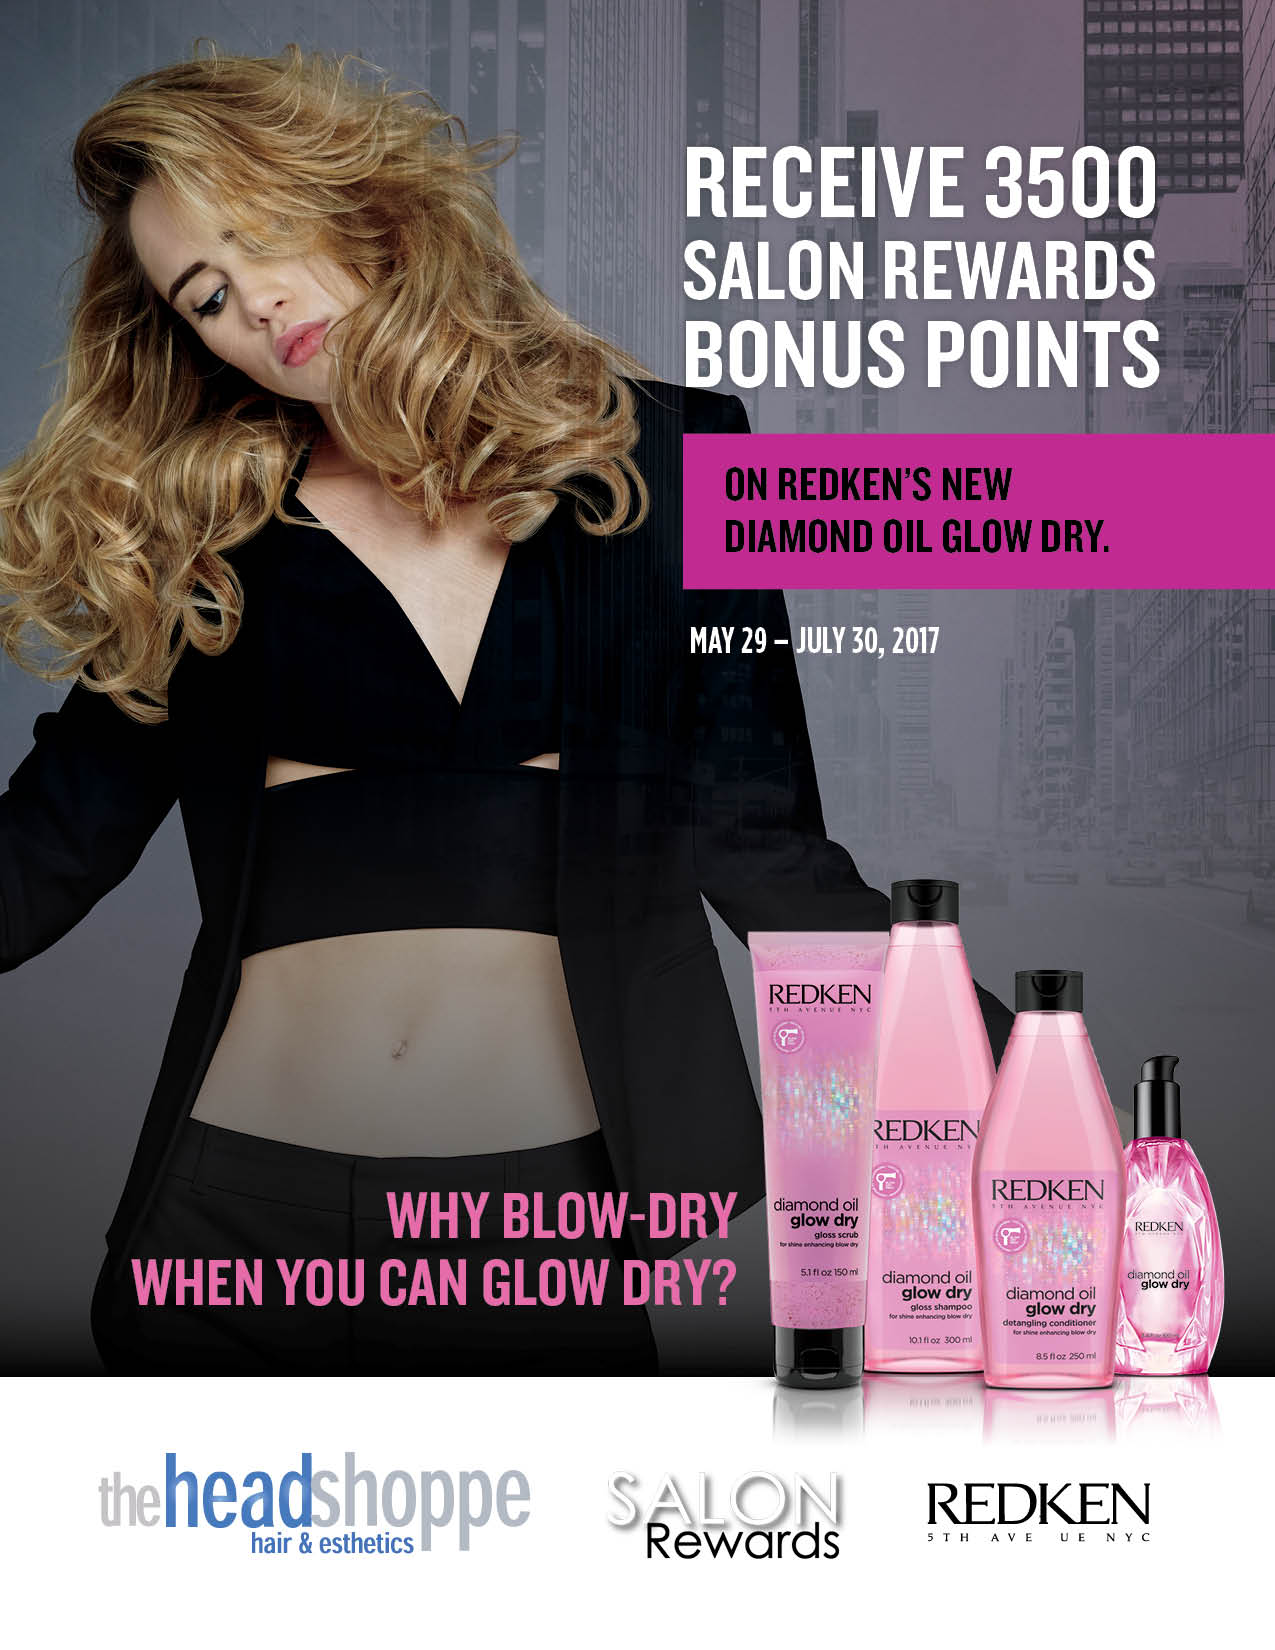 Earn 3500 Salon Rewards Bonus Points with NEW Glow Dry